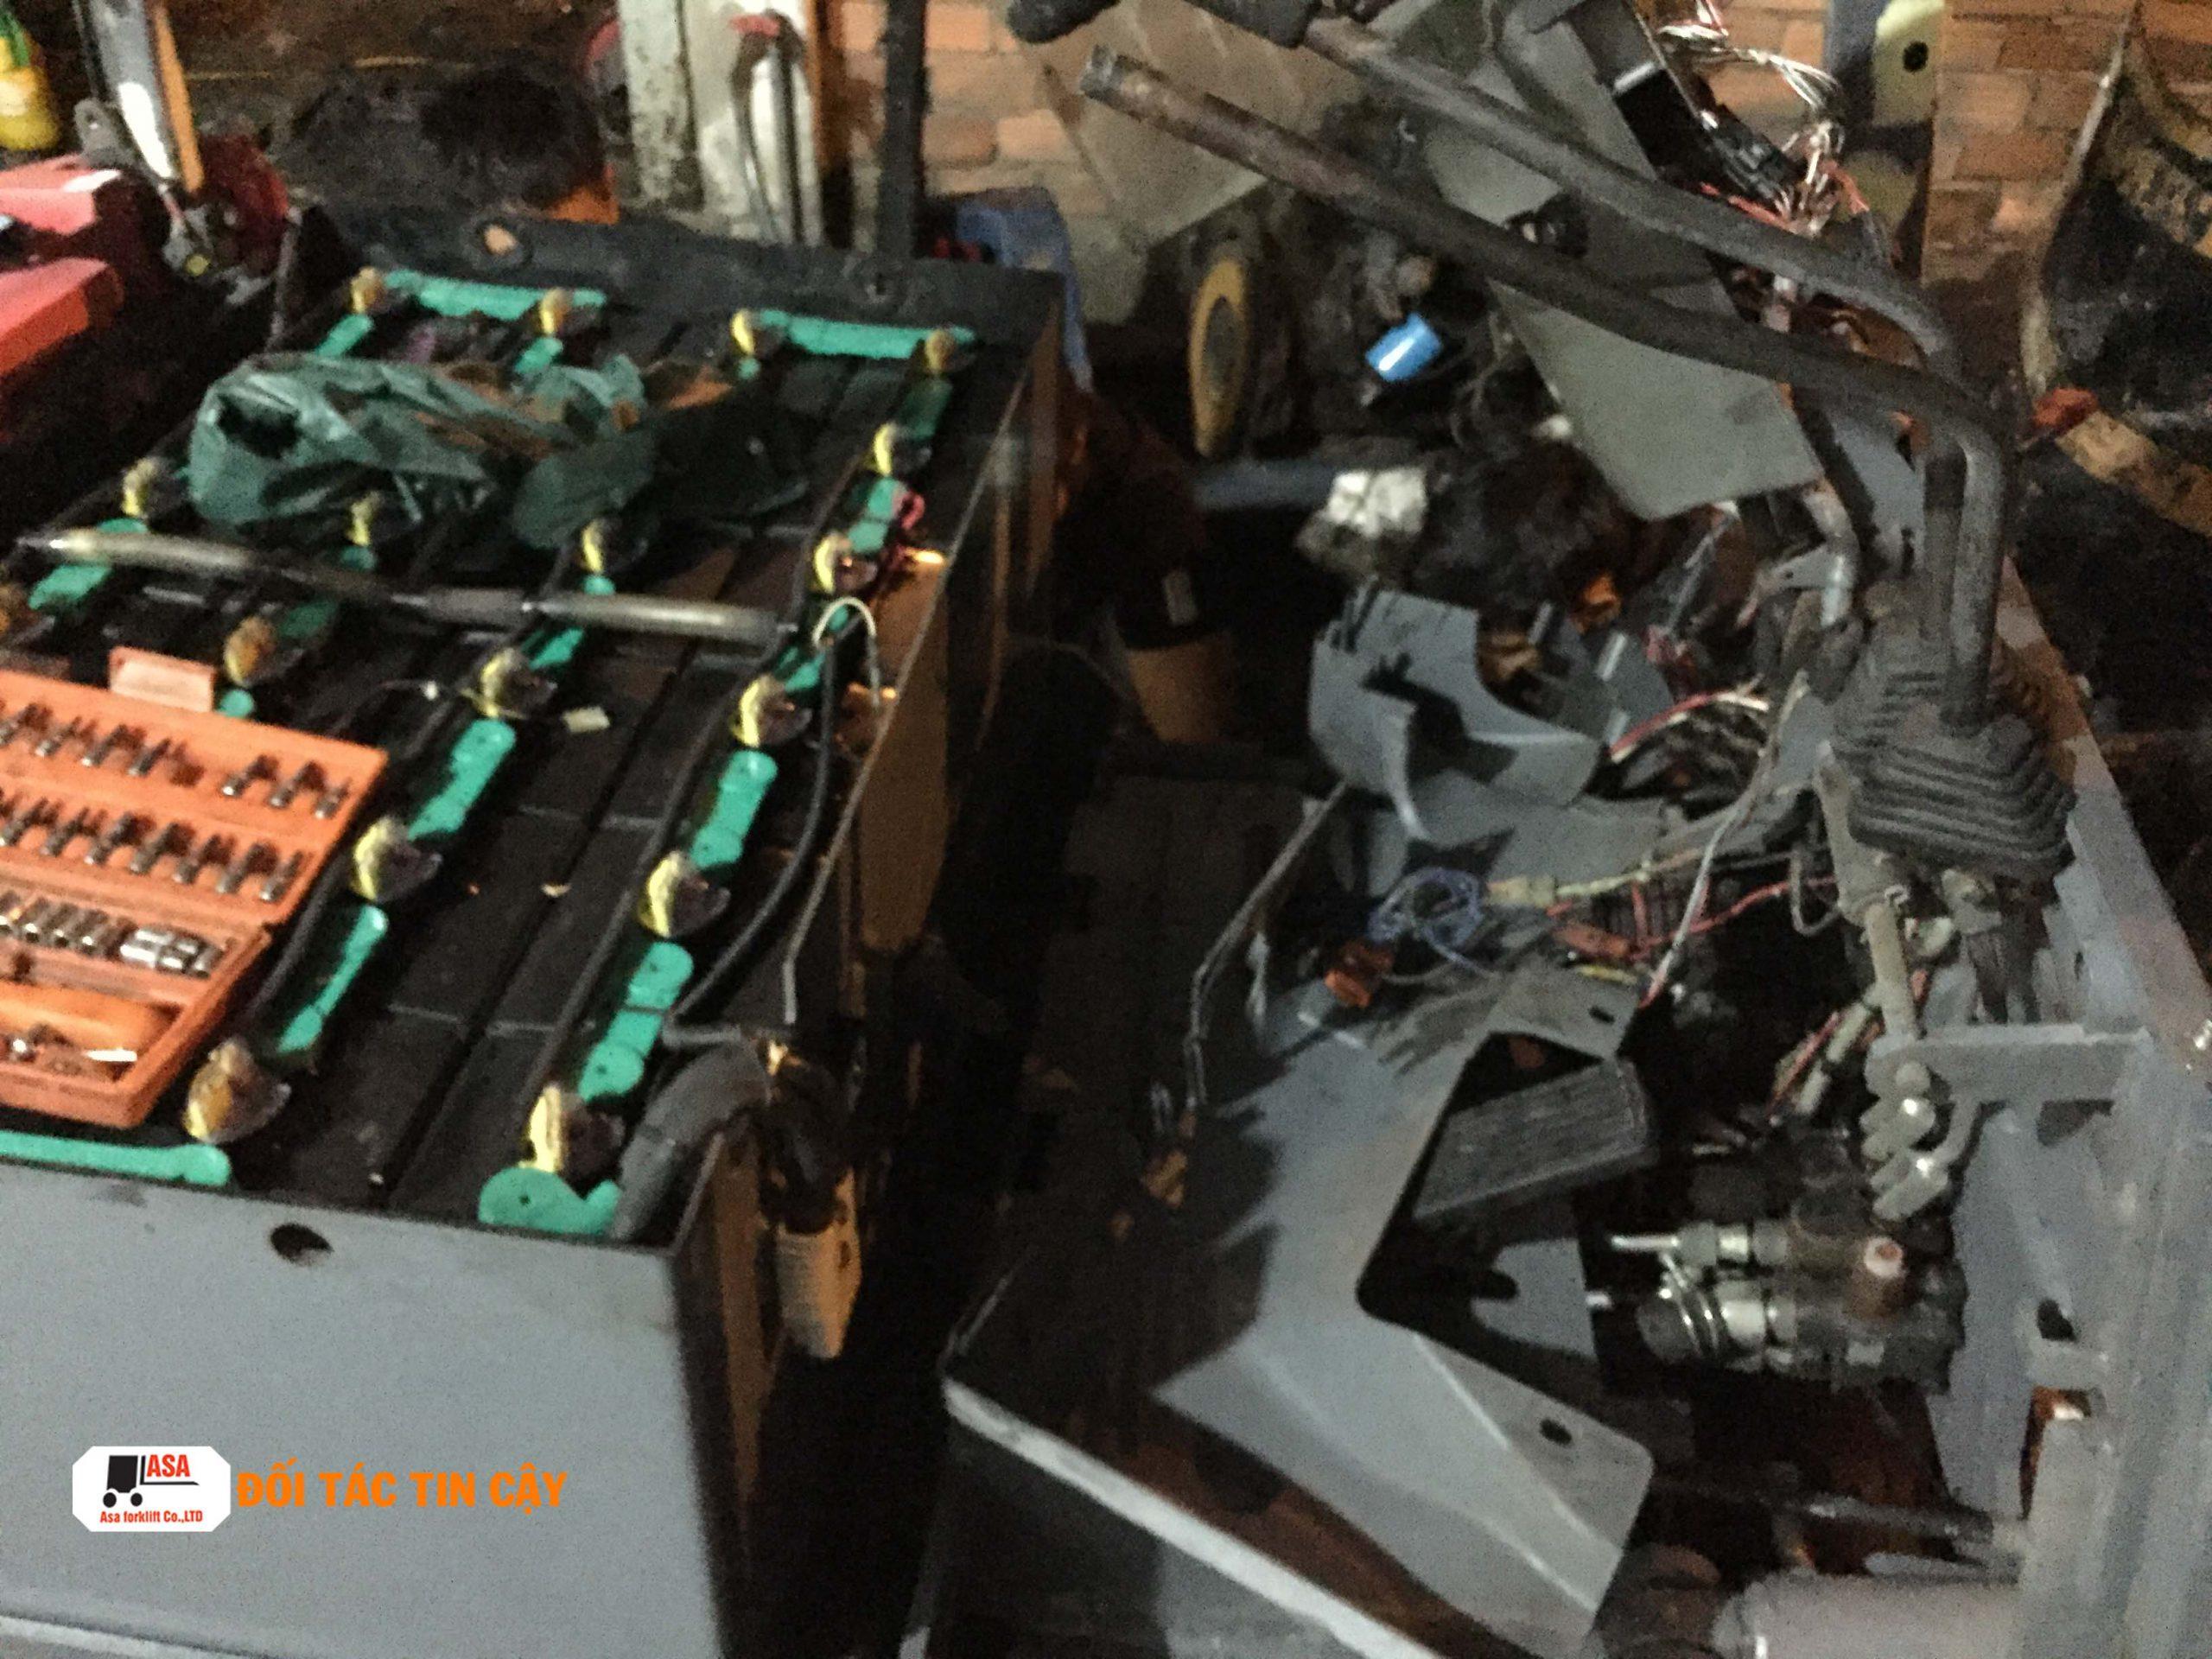 Lí do xe nâng thường bị hư hỏng là do xe nâng hàng không được bảo dưỡng thường xuyên